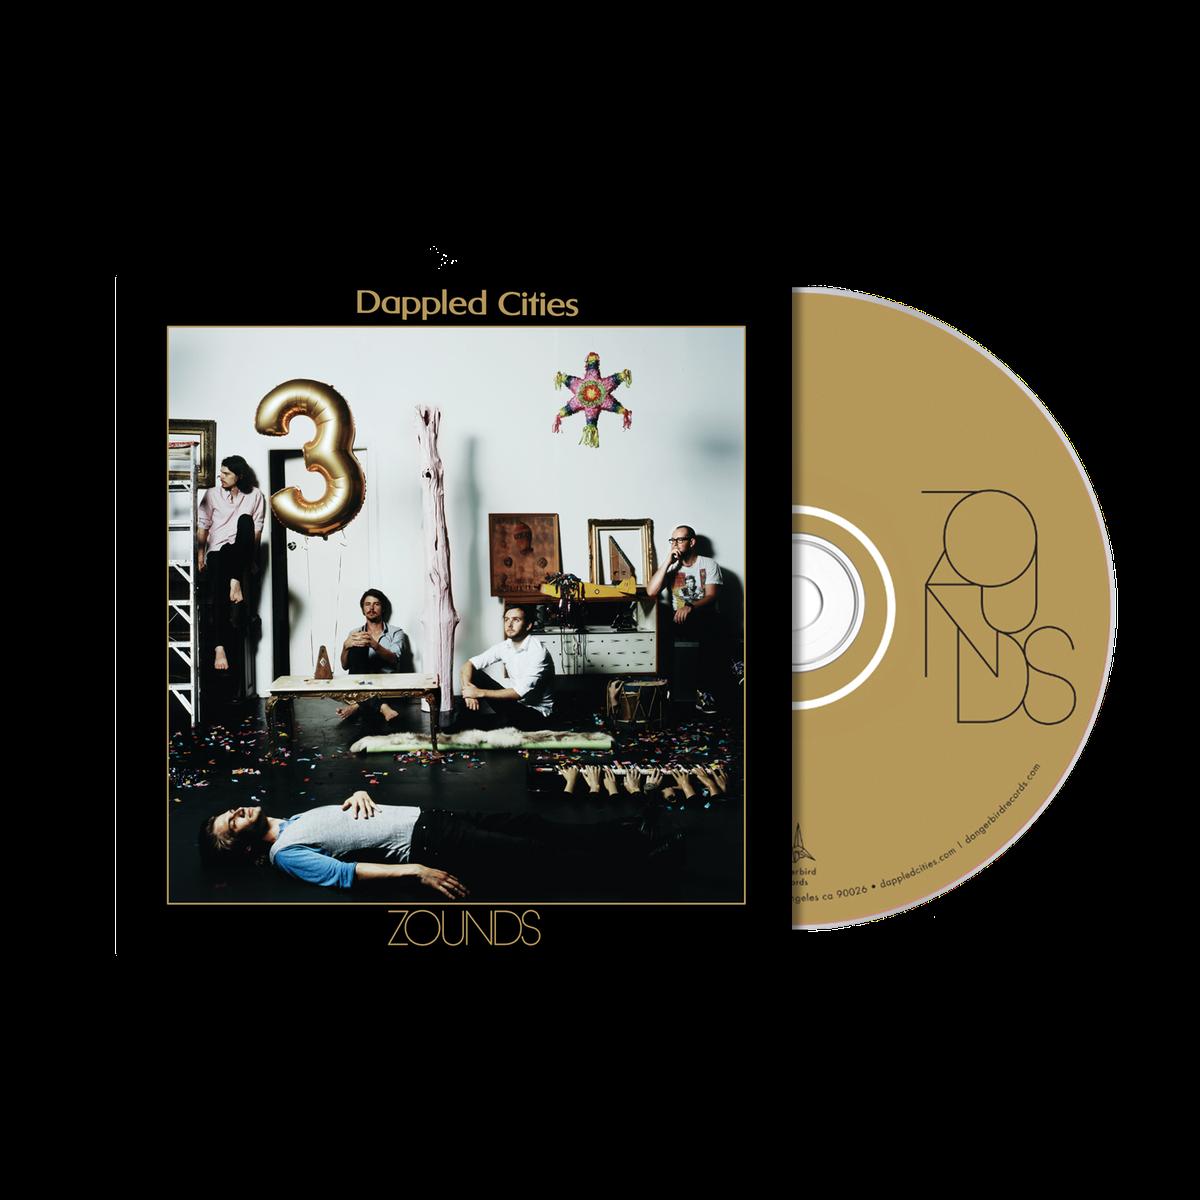 Dappled Cities - Zounds - CD